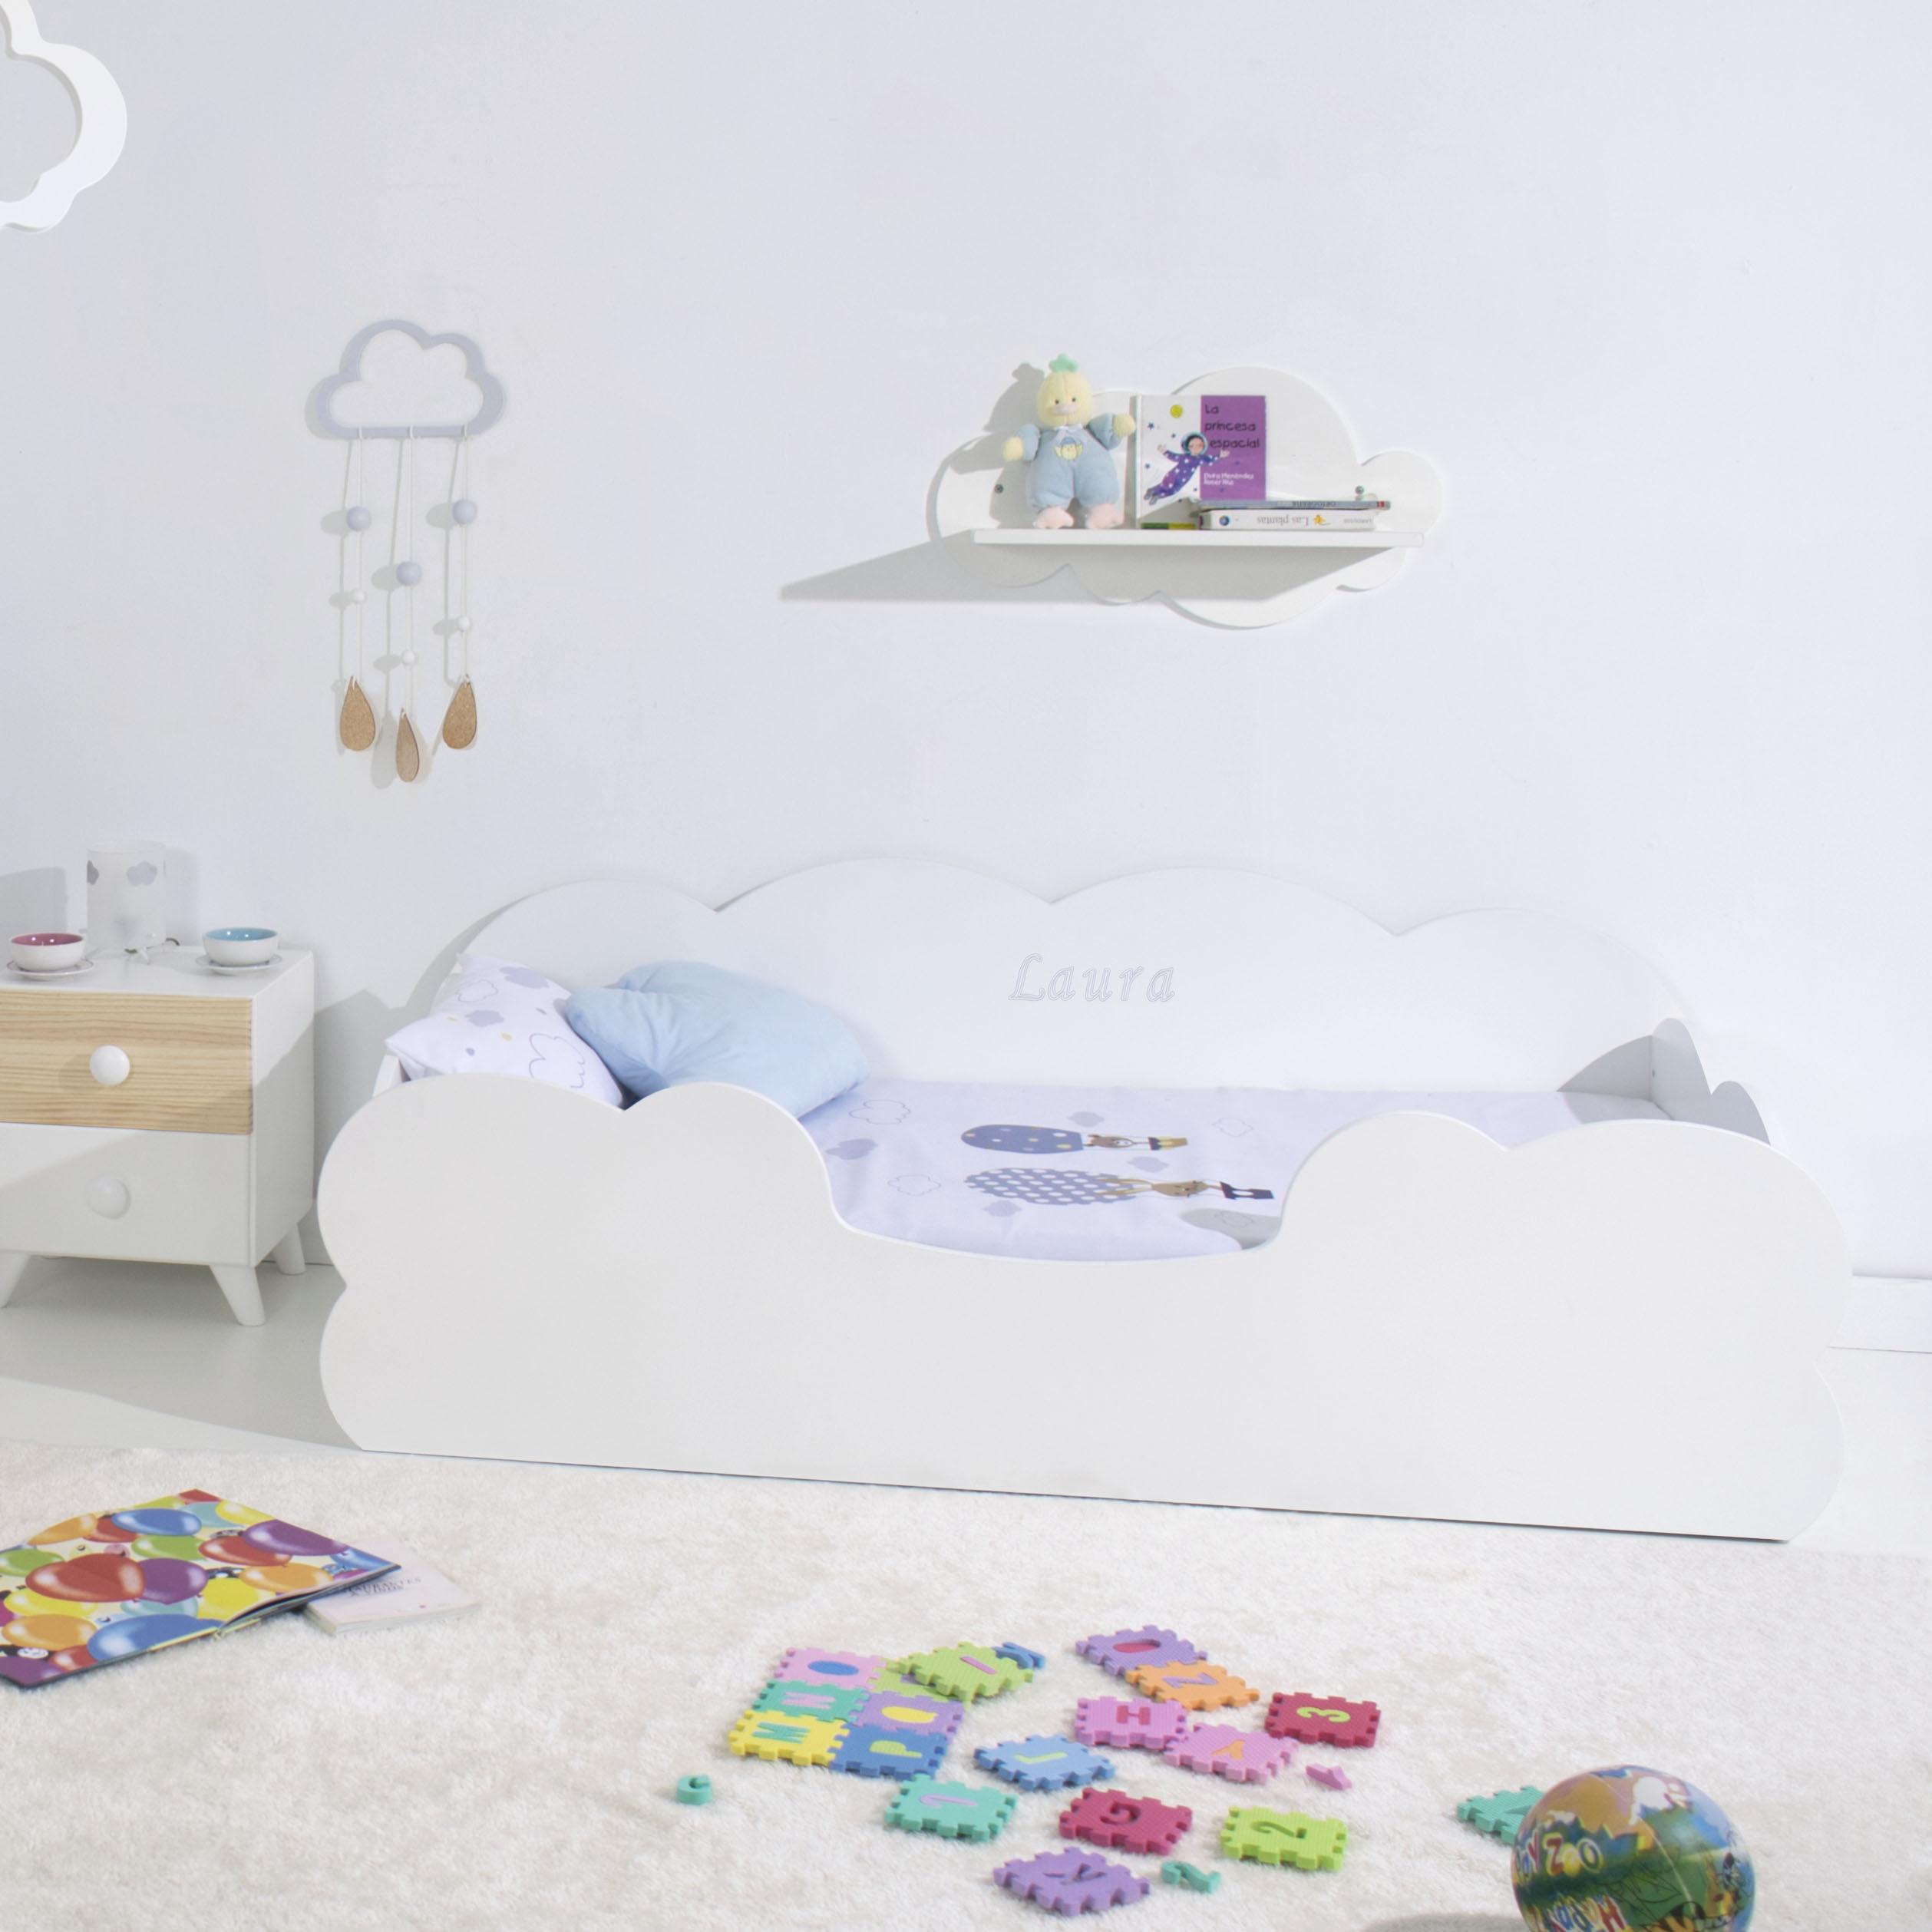 Cama Montessori Nube infantil lacado en blanco nombre personalizado. Bainba